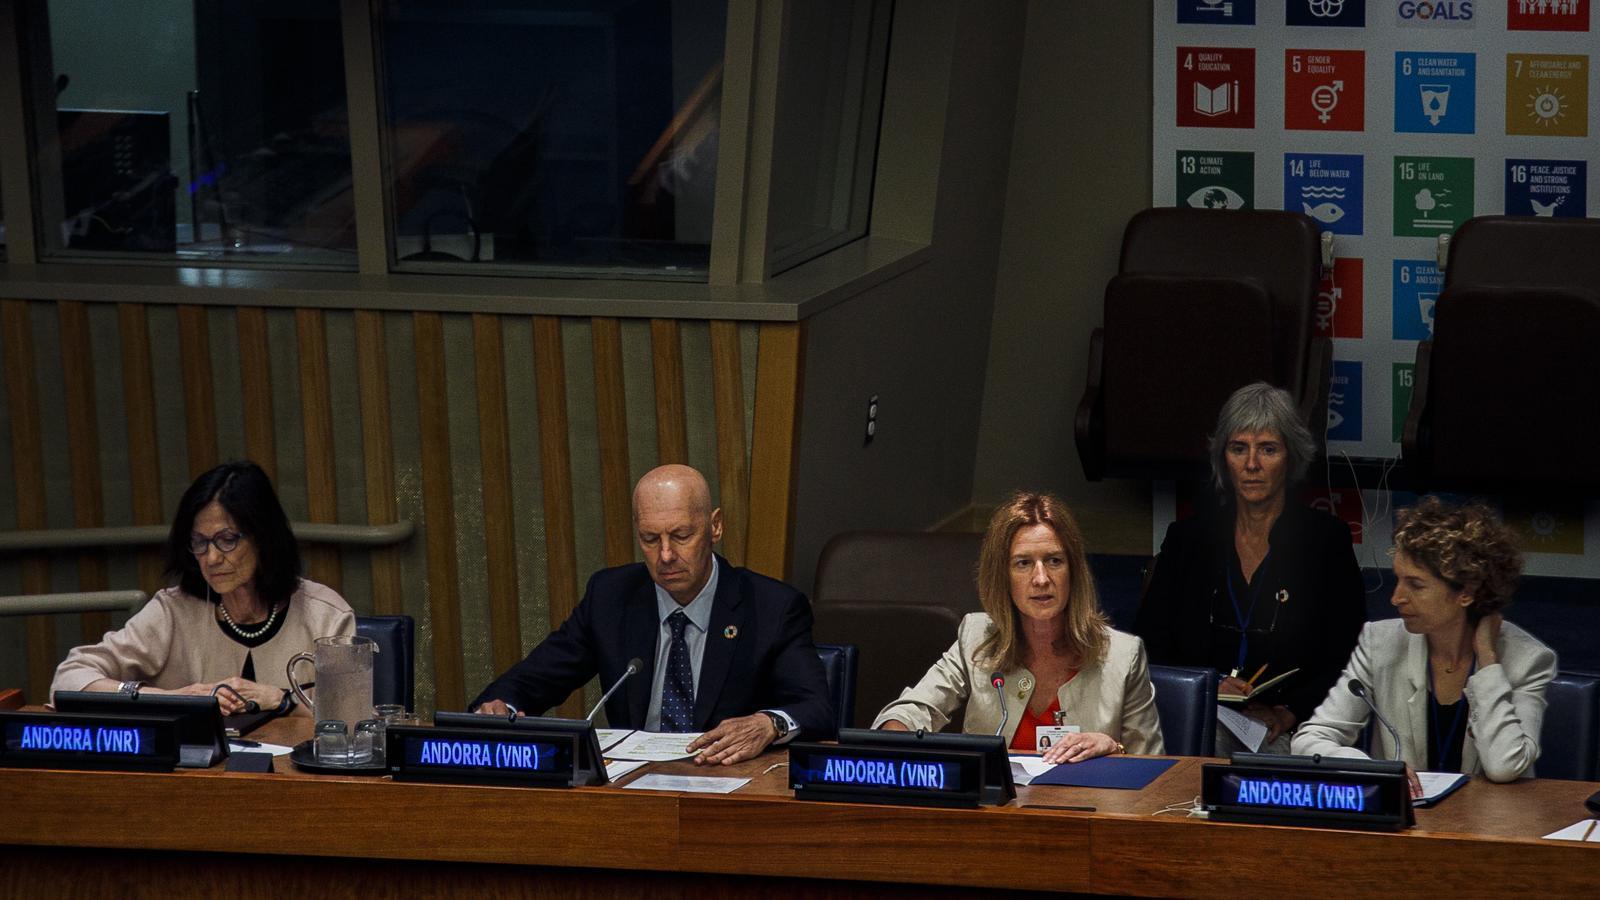 El president de la FAM, Jaume Esteve, la ministra de Medi Ambient, Sílvia Calvó, i la ministra d'Afers Exteriors, Maria Ubach, durant la presentació de l'informe. / SFG